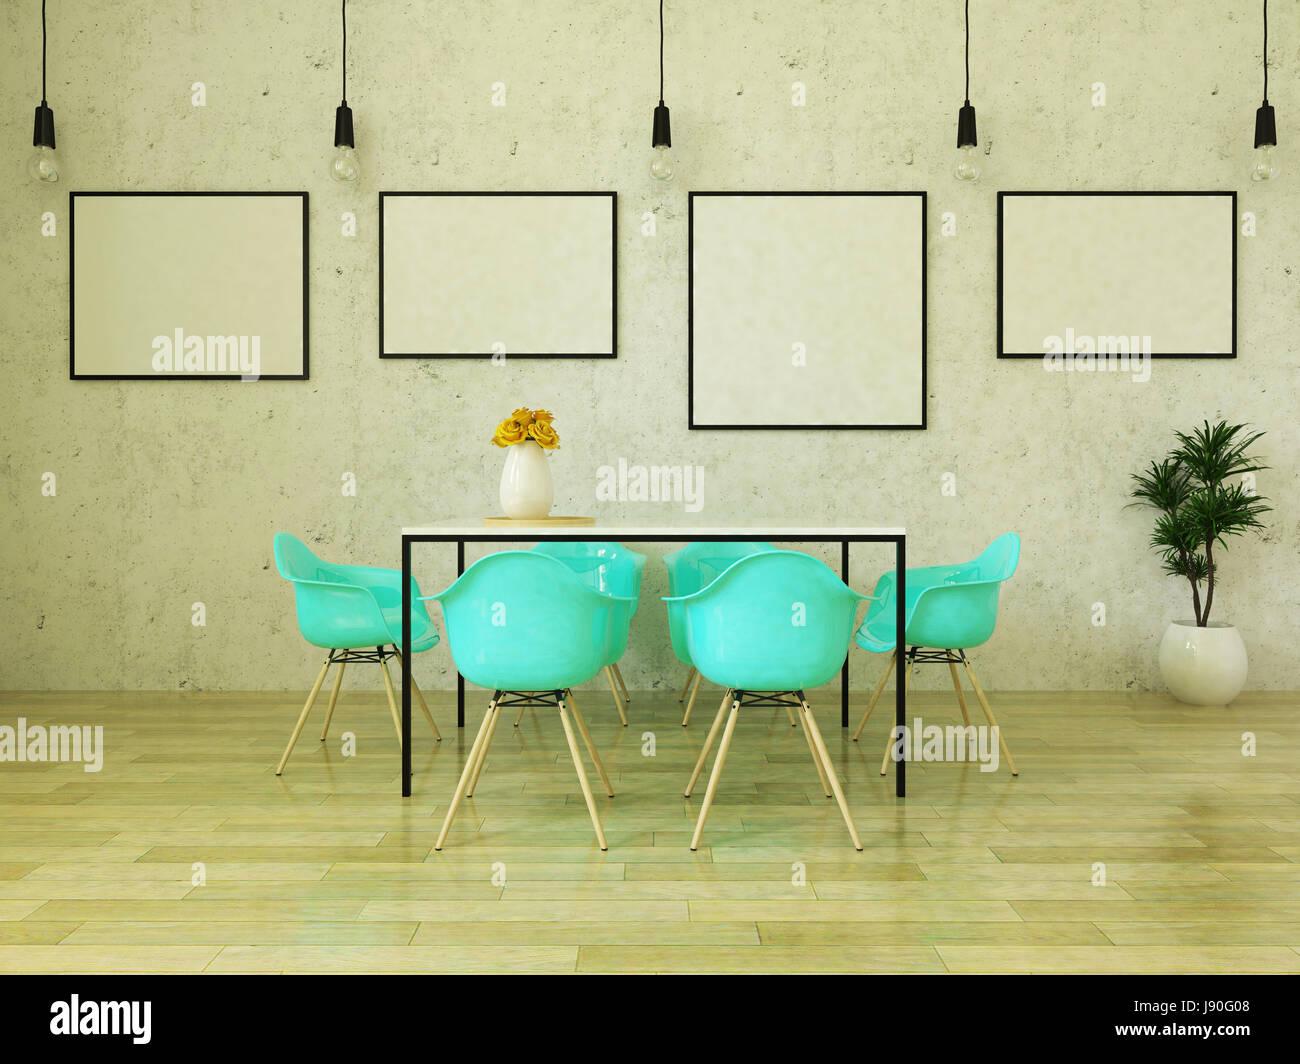 Schöner Esstisch mit türkisen Stühlen auf Holzboden vor einer ...